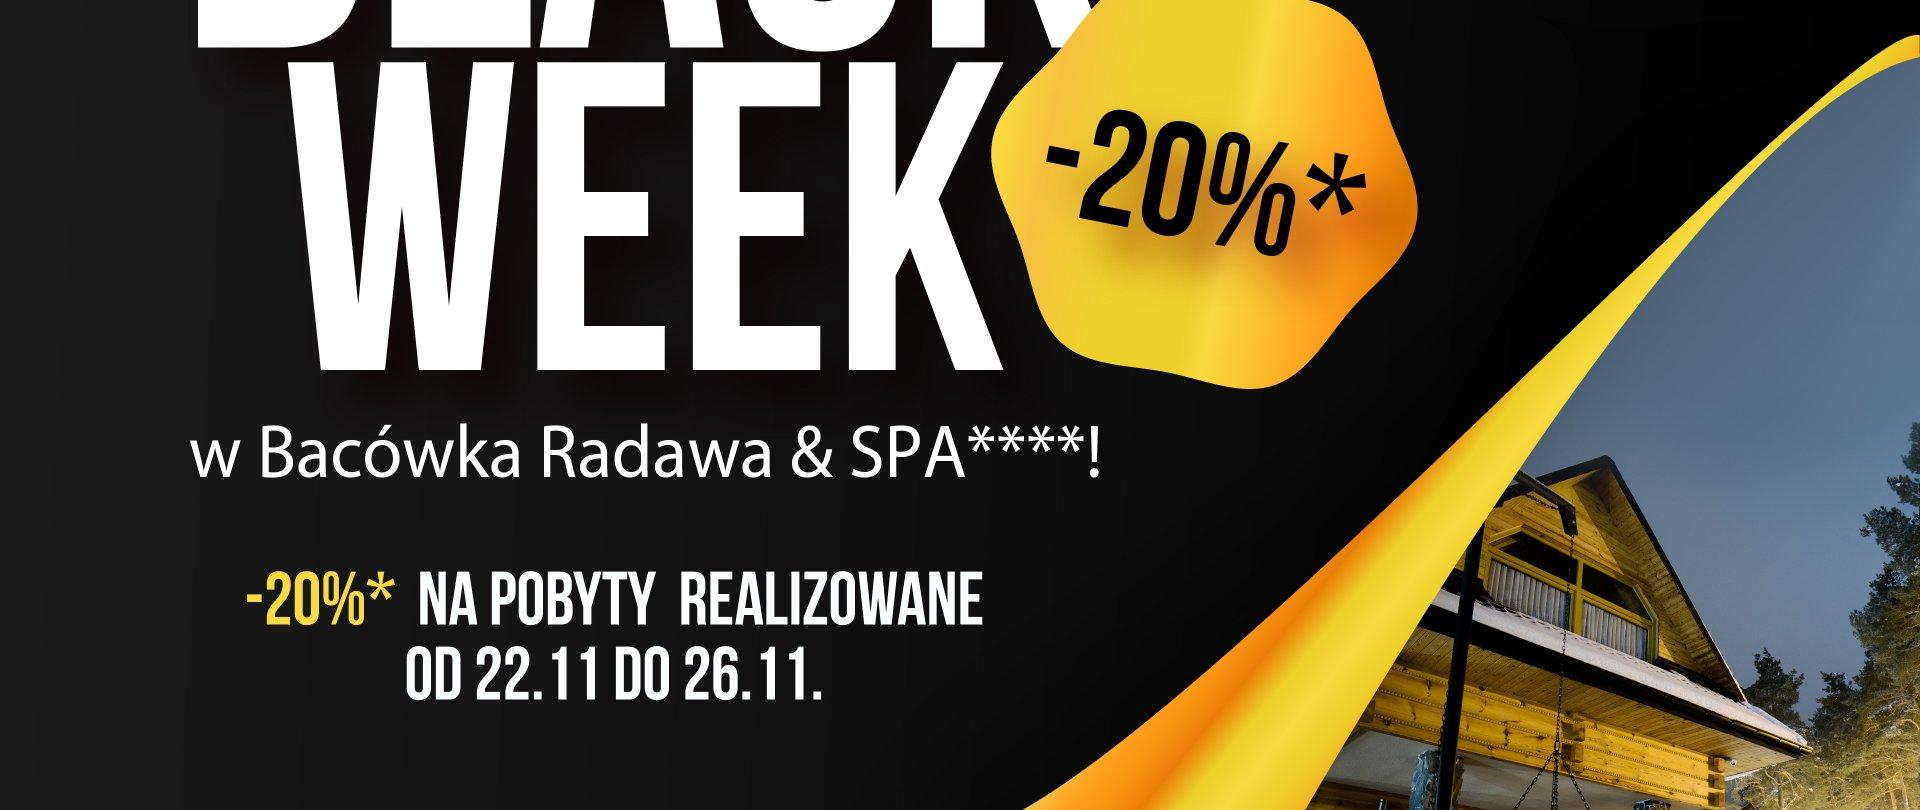 Black week w Bacówka Radawa & SPA****!